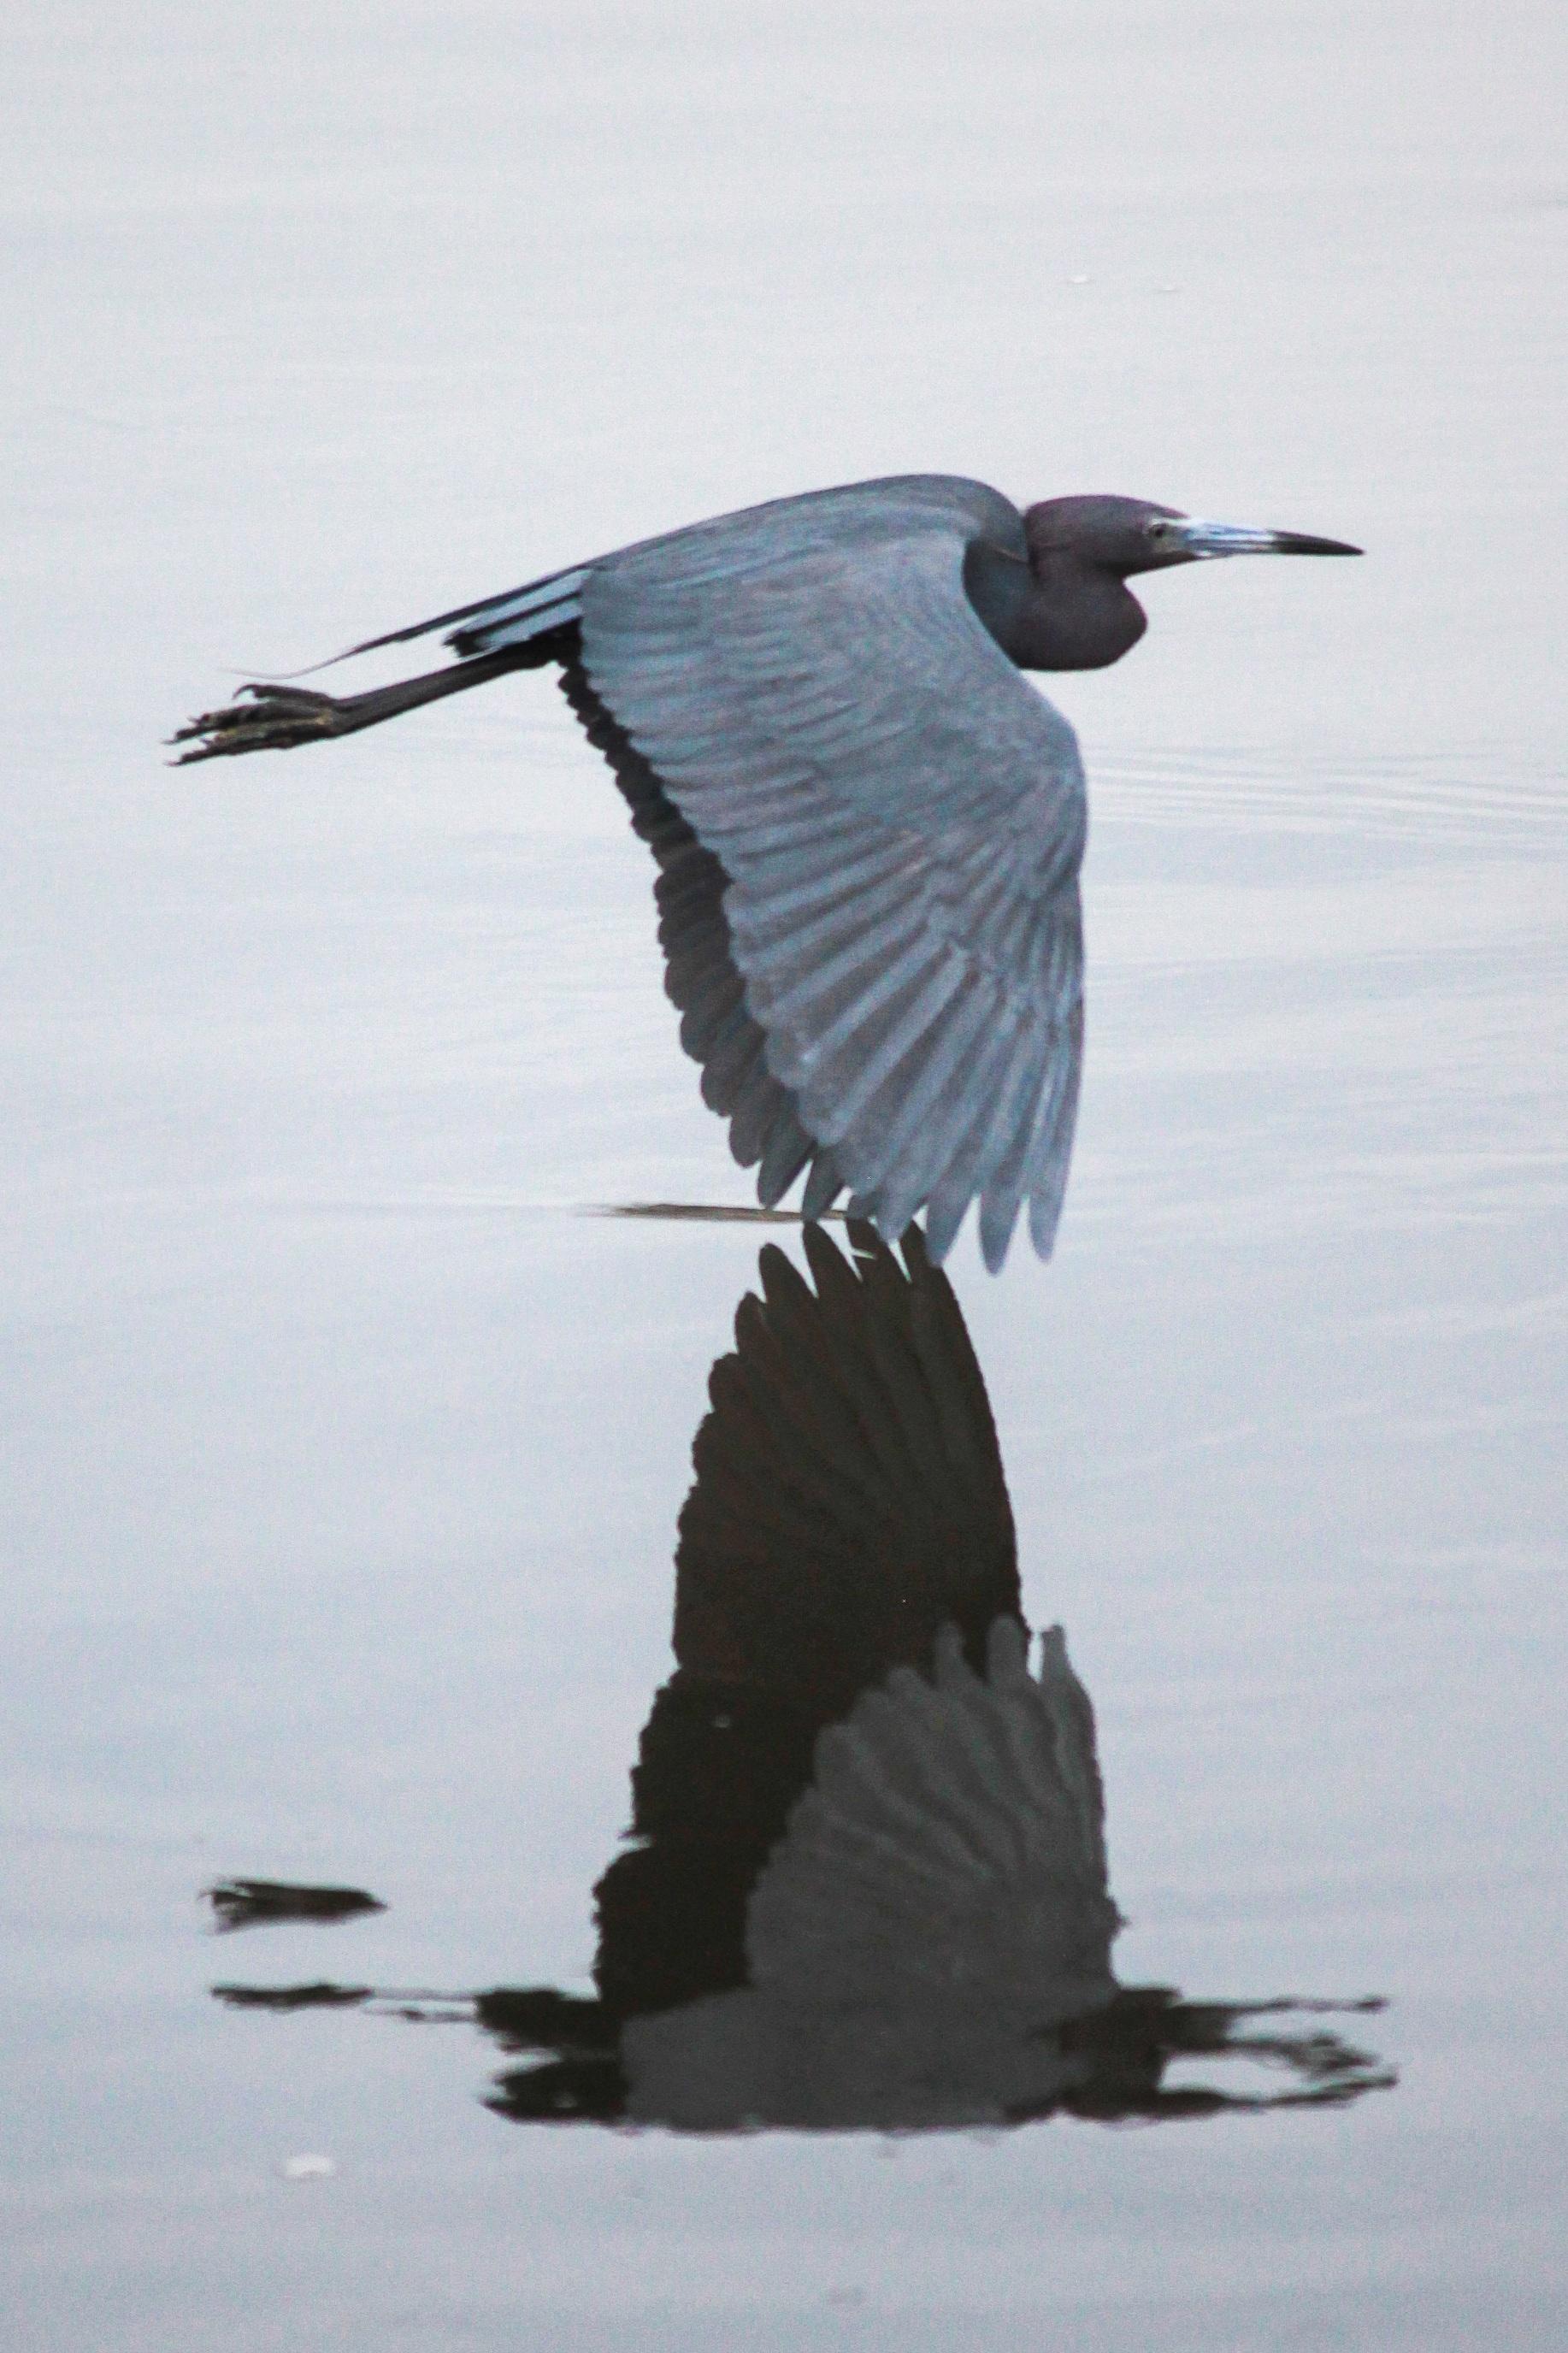 A blue heron flys over the JN Ding Darling National Wildlife Refuge in Sanibel, Florida.